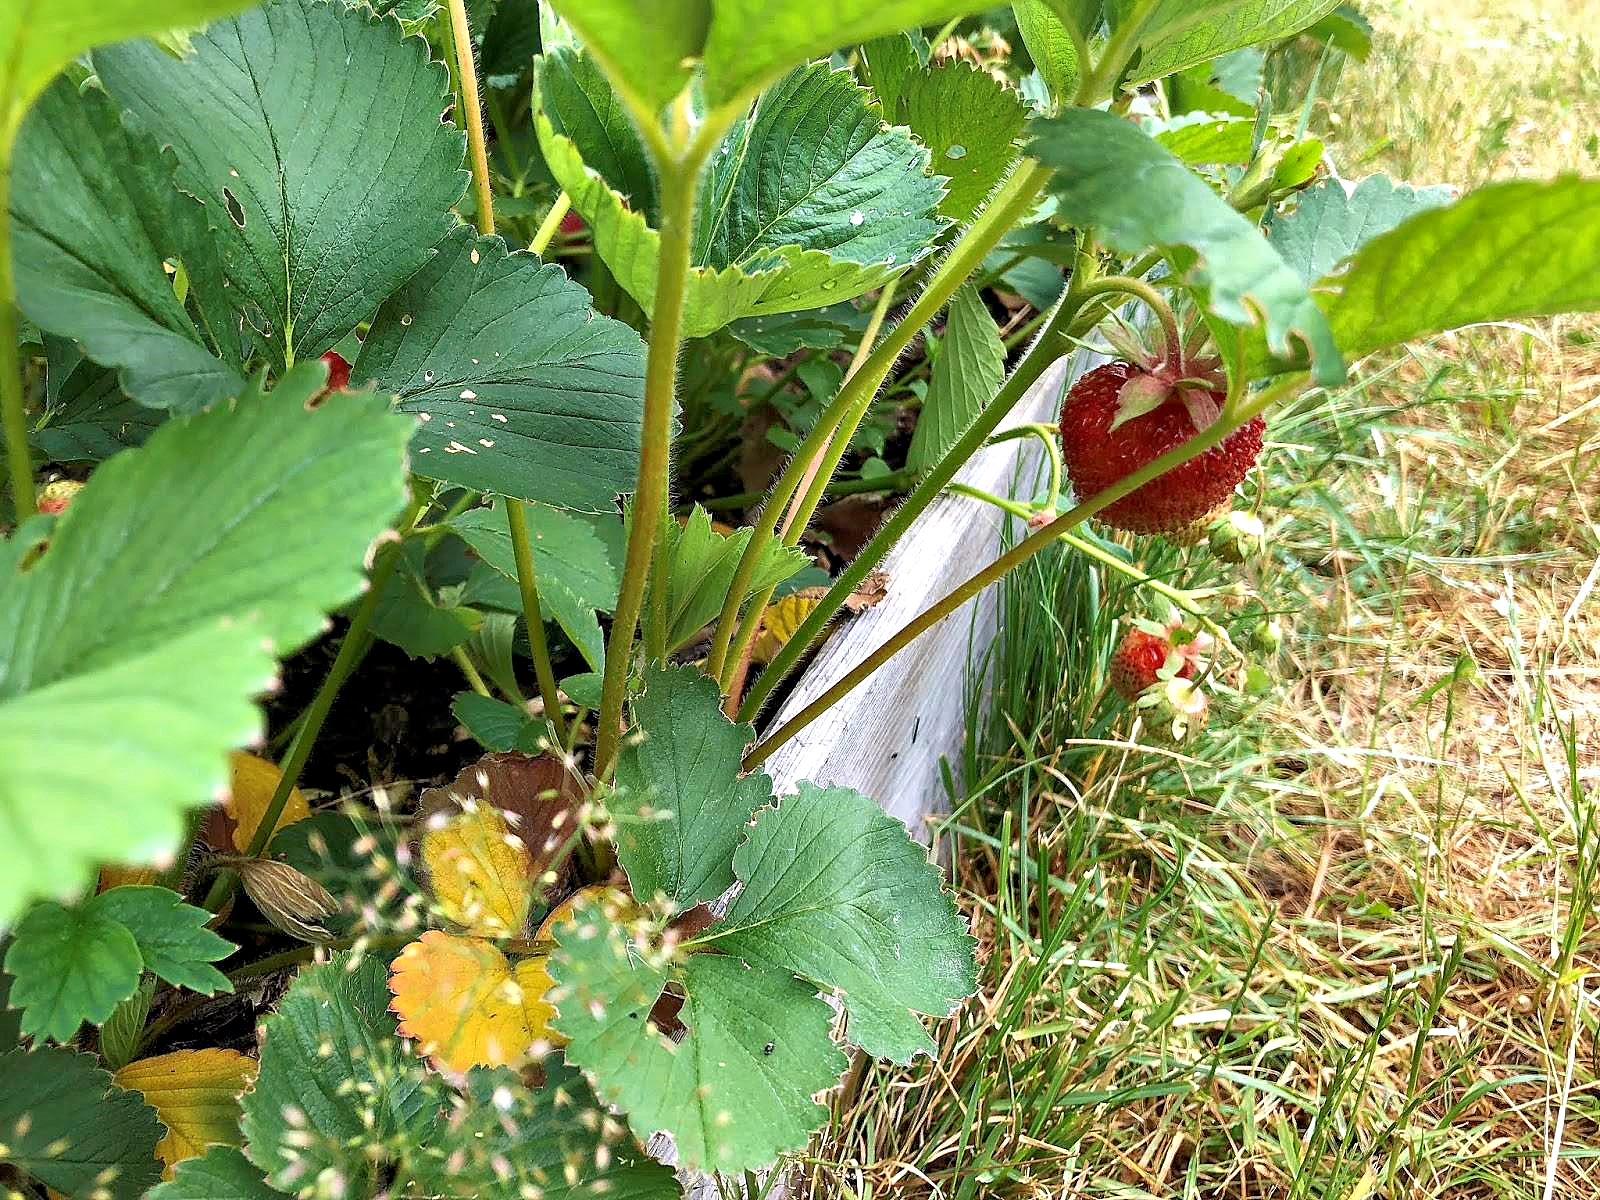 Как избавиться от гусениц на клубнике? Лайфхаки для новичков и опытных агрономов